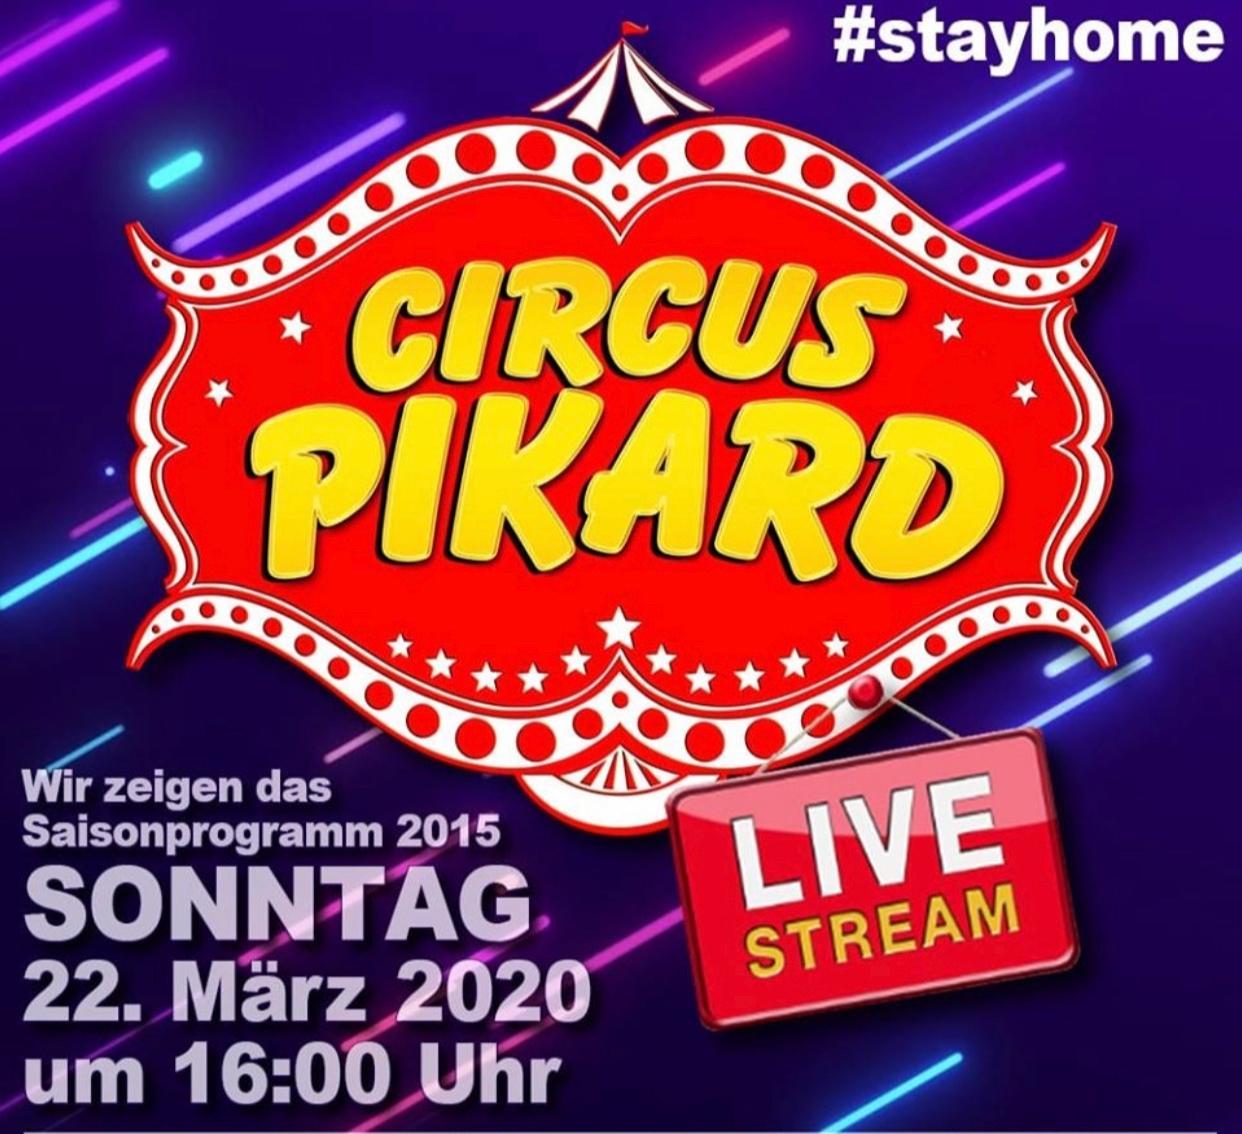 Circus Pikard: Kostenloser Livestream des Programms um 16:00